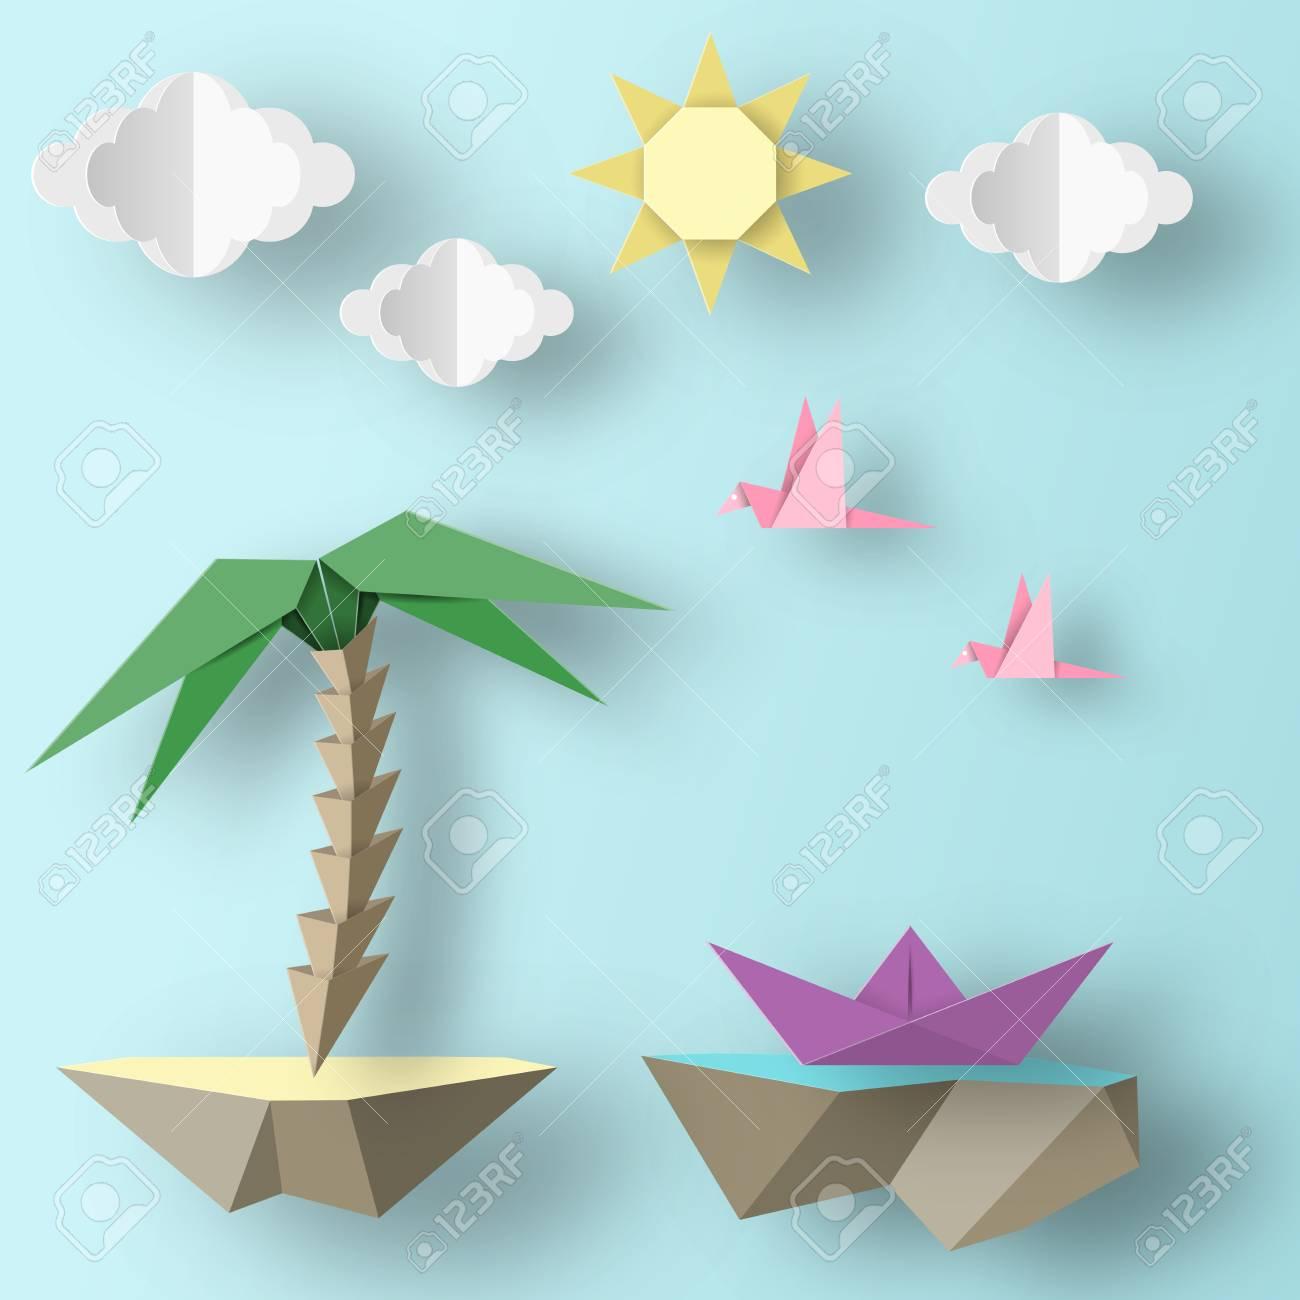 Oiseaux Coupés, Bateau, Palmier, Nuages ??et Papier De Style Origami  Fabriqués Par Word. Découpe Fait Des Éléments Et Des Symboles Pour La  Bannière, tout Decoupage Papier Facile